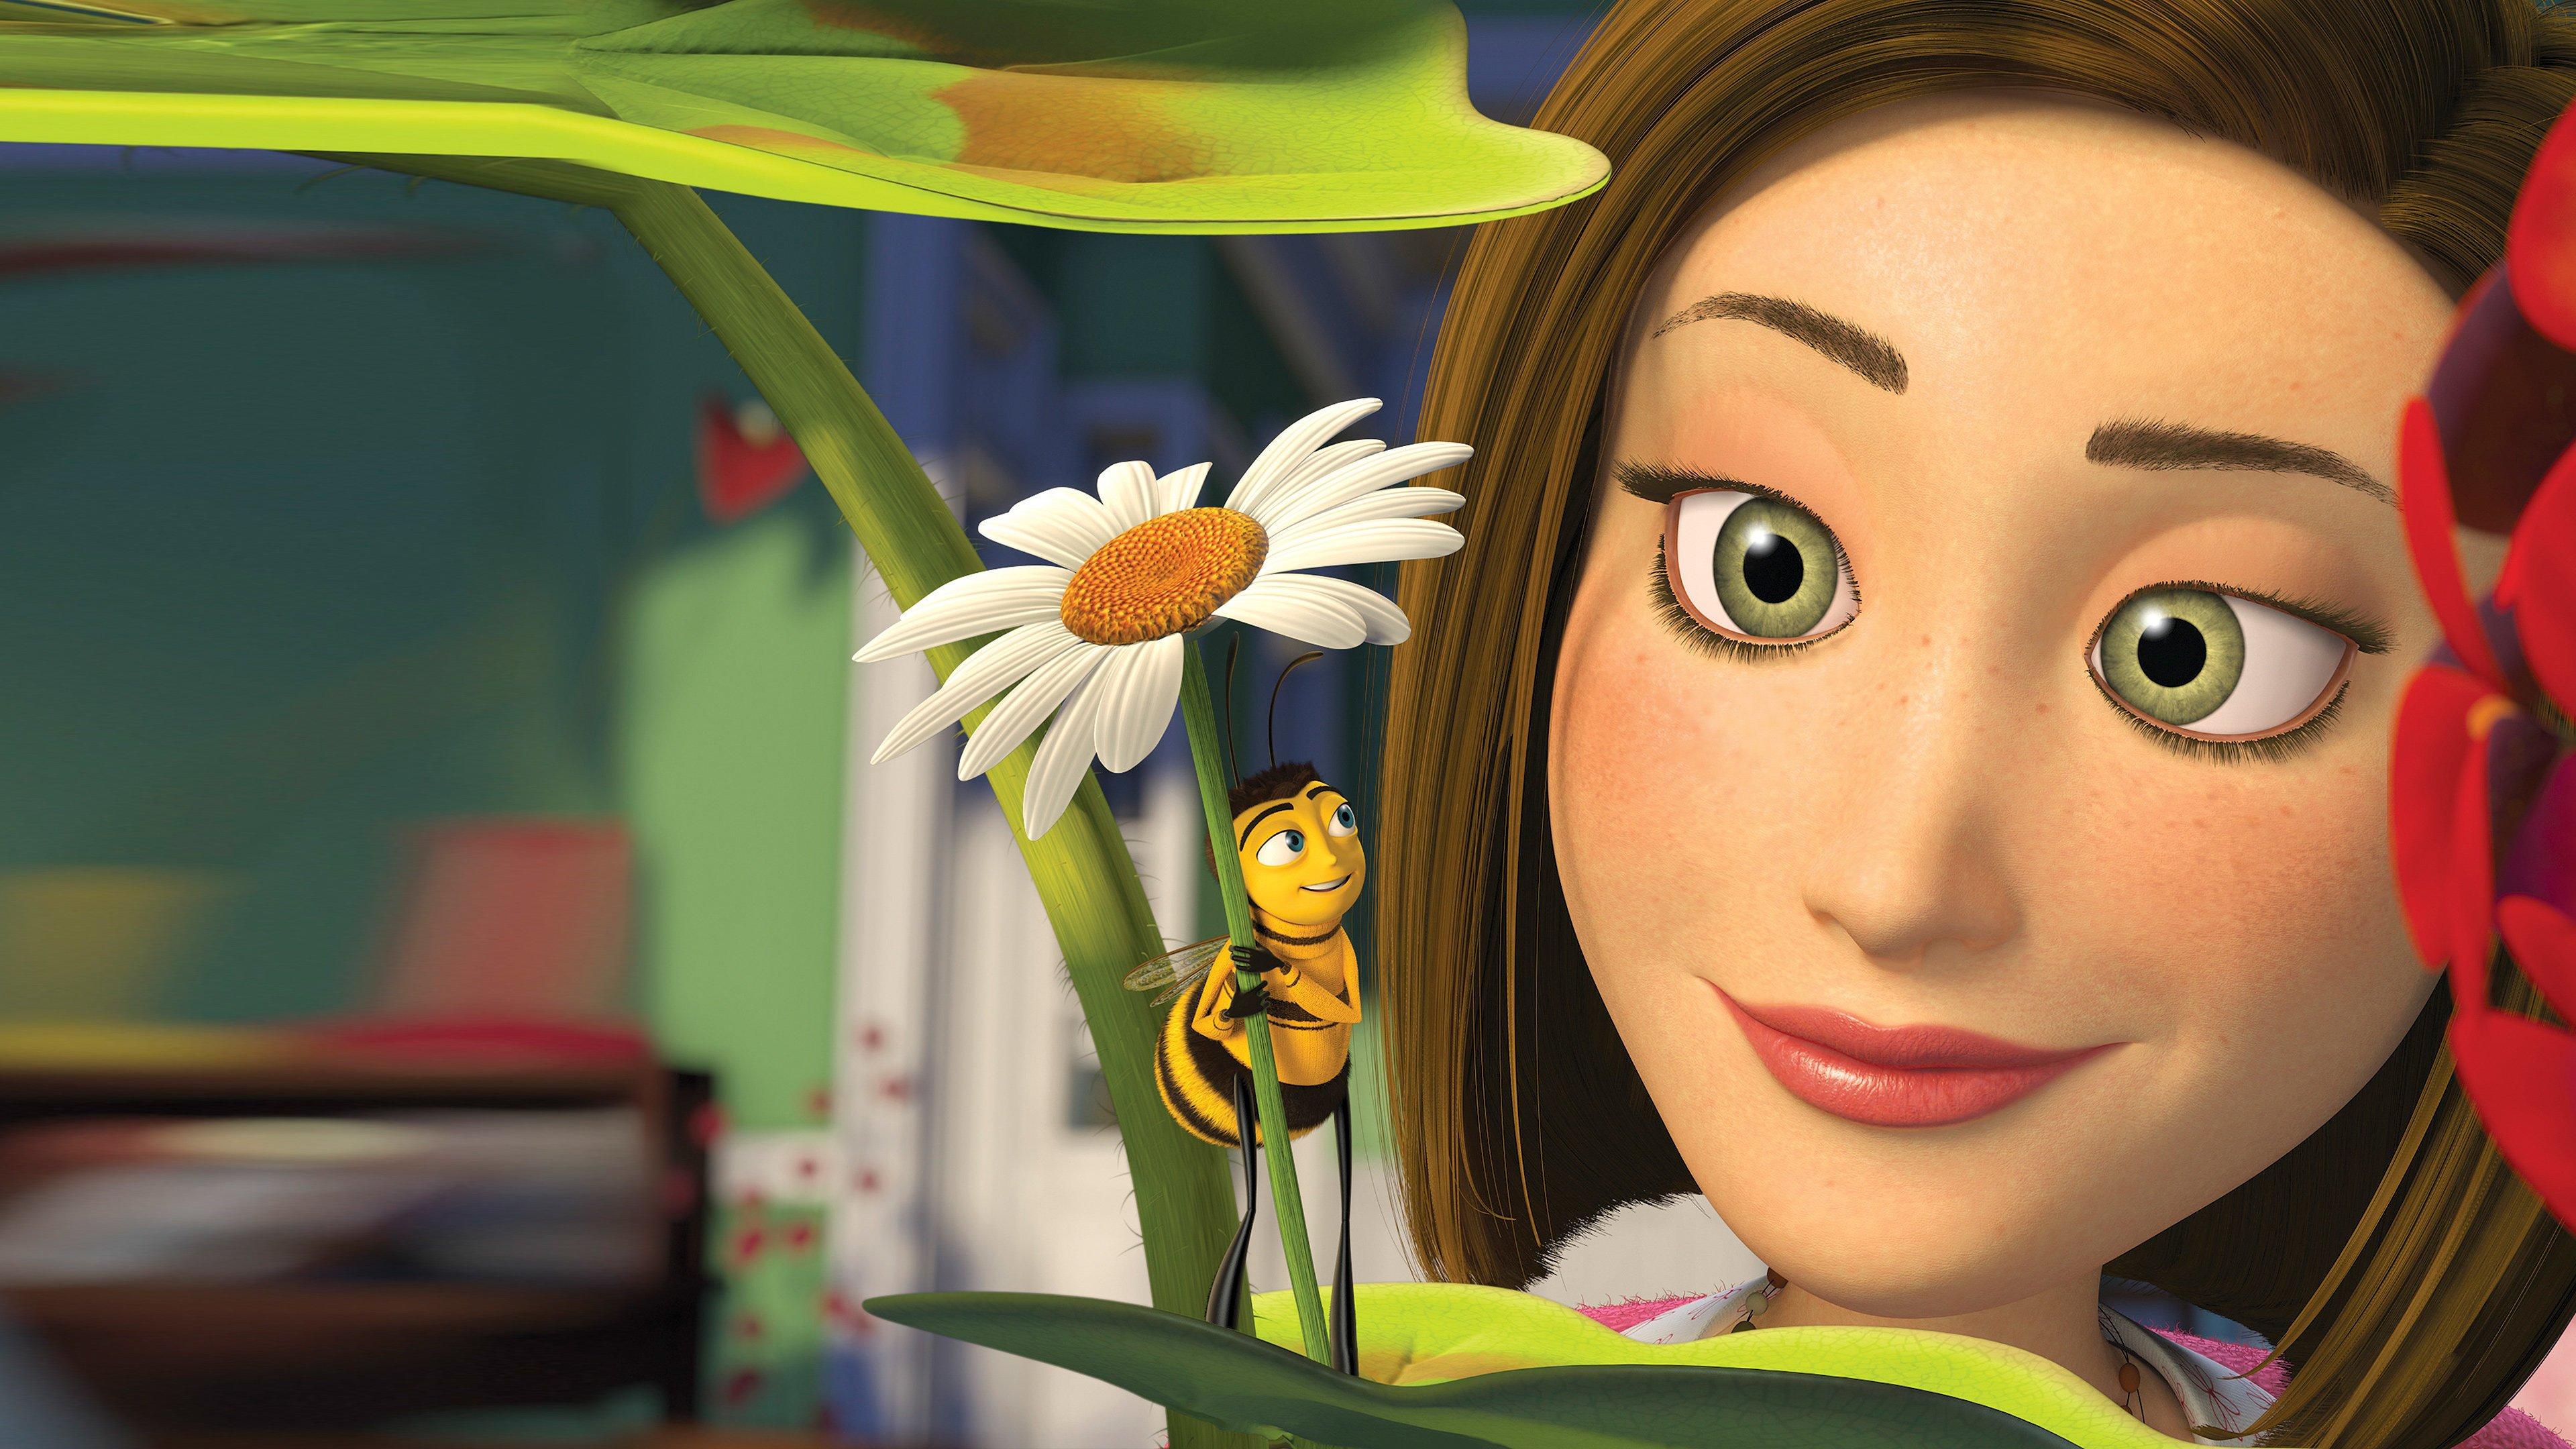 Понятно, что если в живой природе мы встретим пчелу, размером больше нашего глаза — это обморок. Но создателям нужно было решить очень сложную задачу и просто принять несоответствие пропорций.